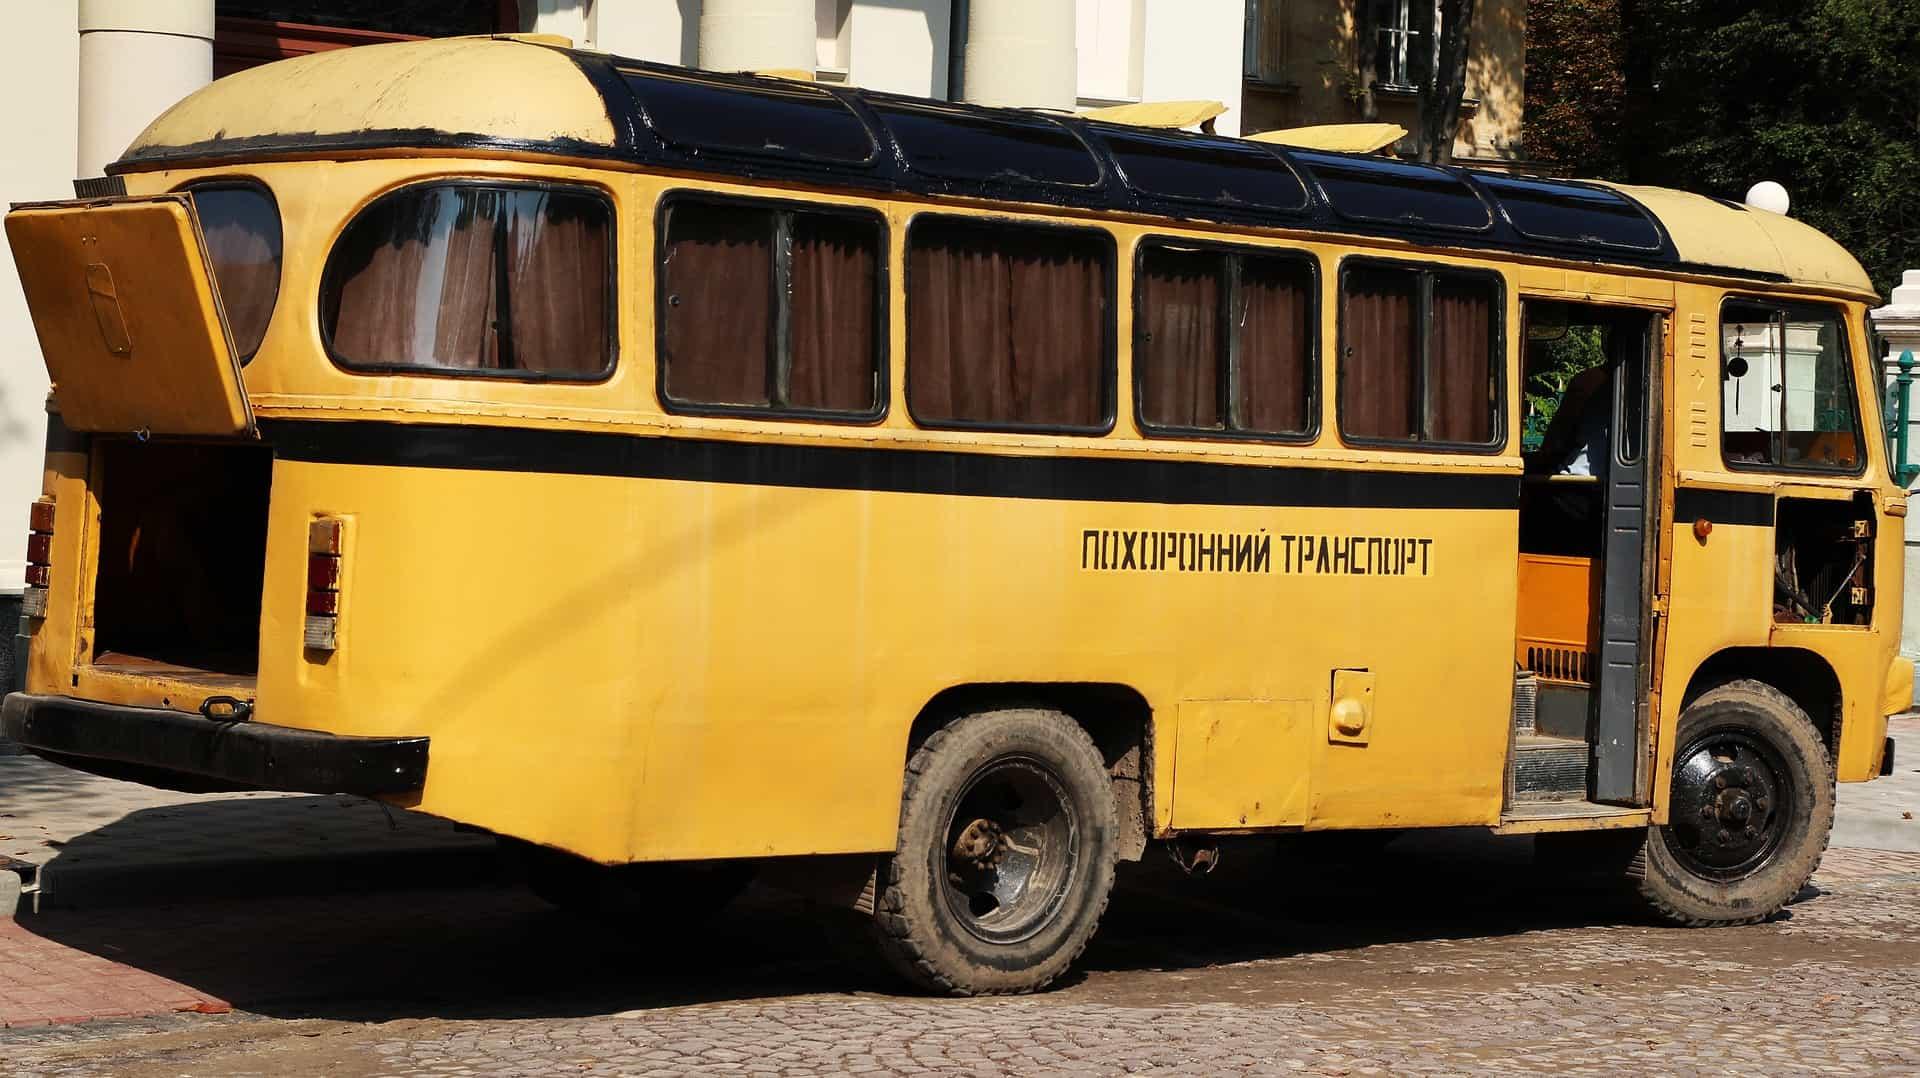 Transport--hjemsendelse